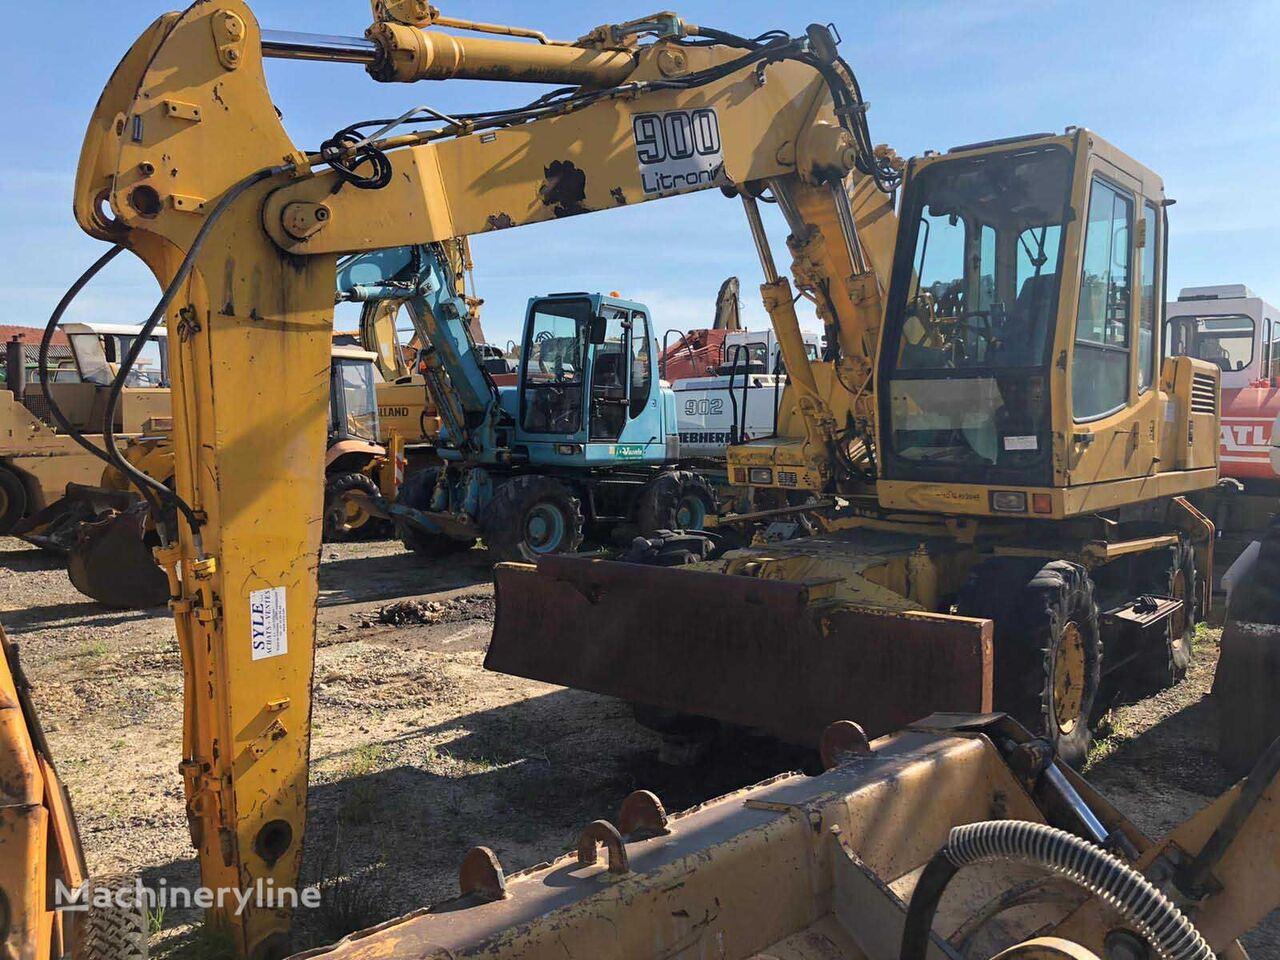 LIEBHERR A900 wheel excavator